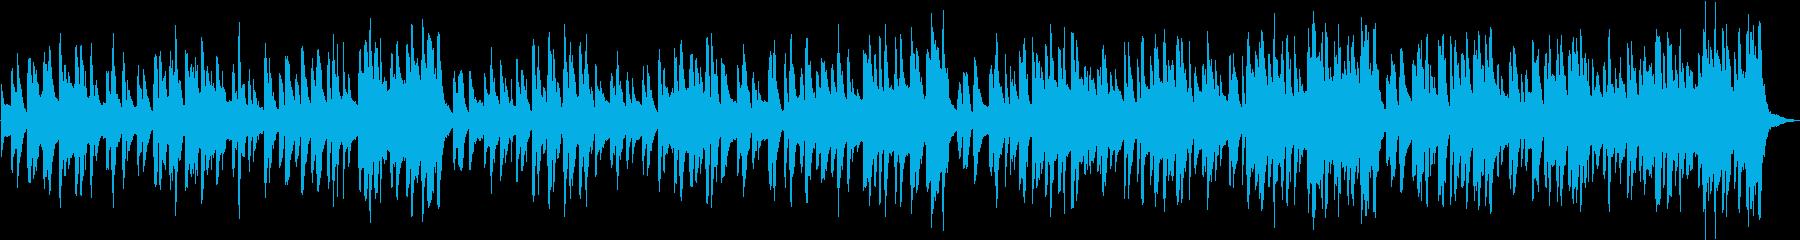 ホンキートンクピアノのかわいいラグタイムの再生済みの波形